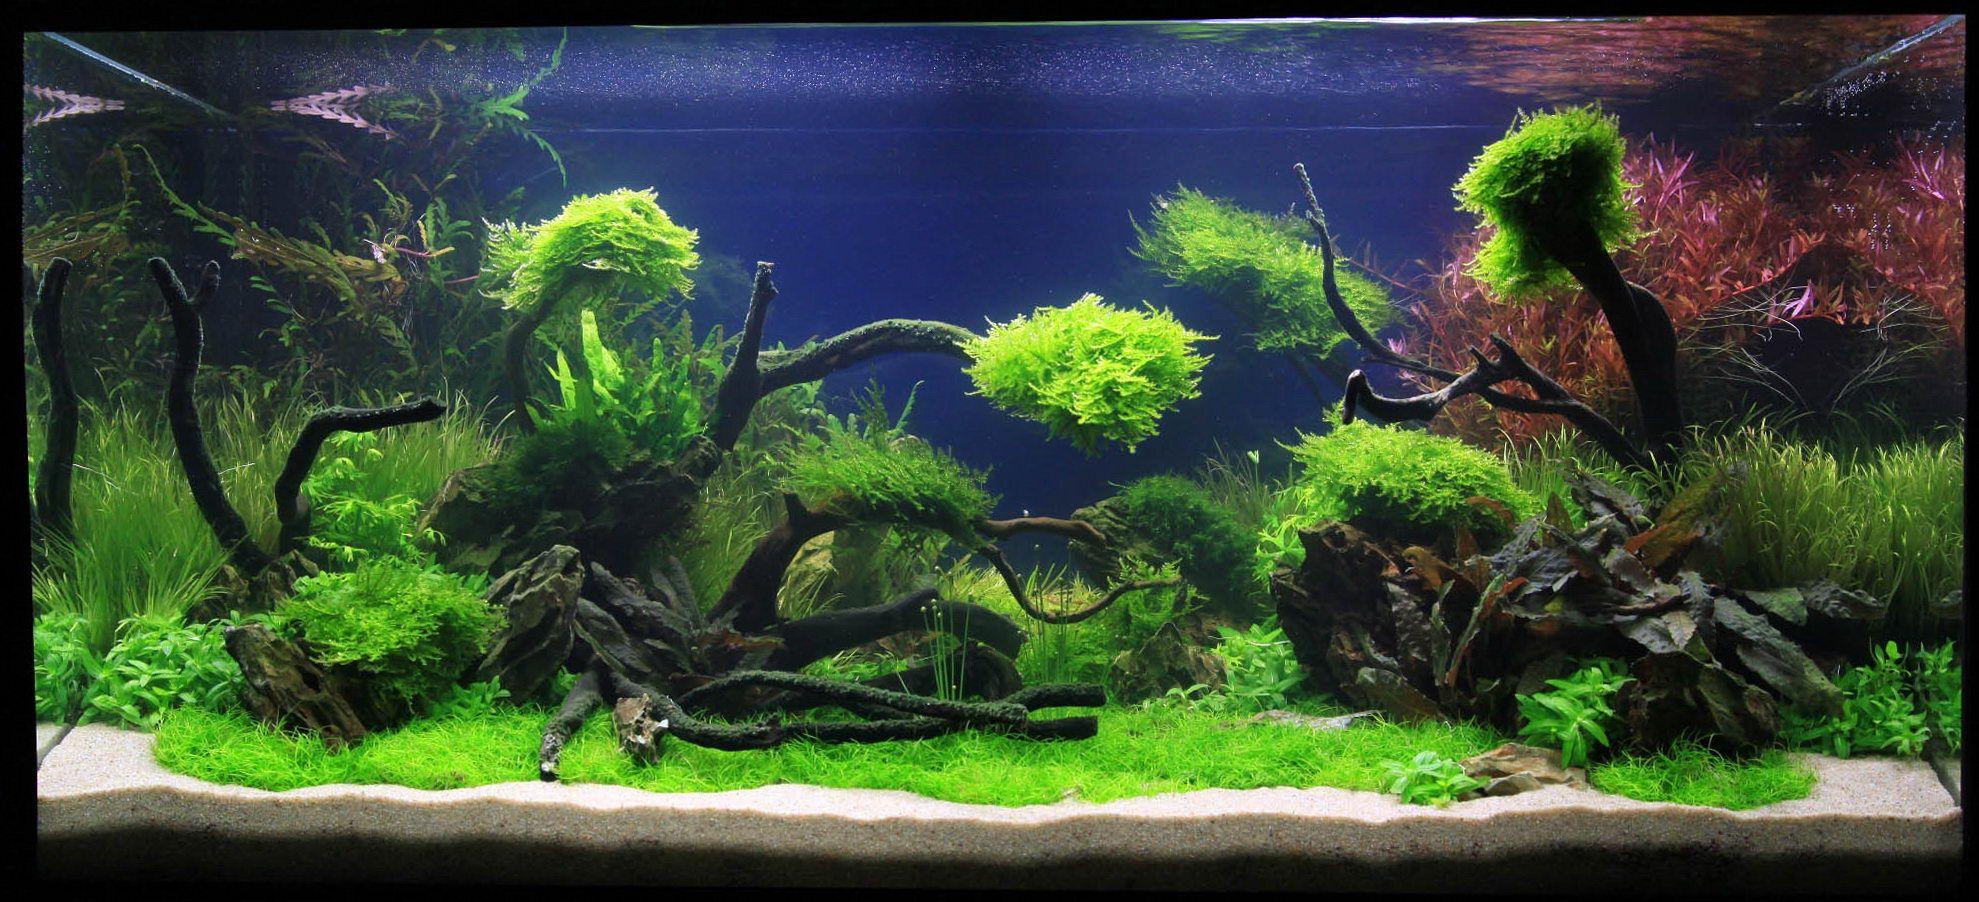 Fish aquarium online store in bangalore dating 6